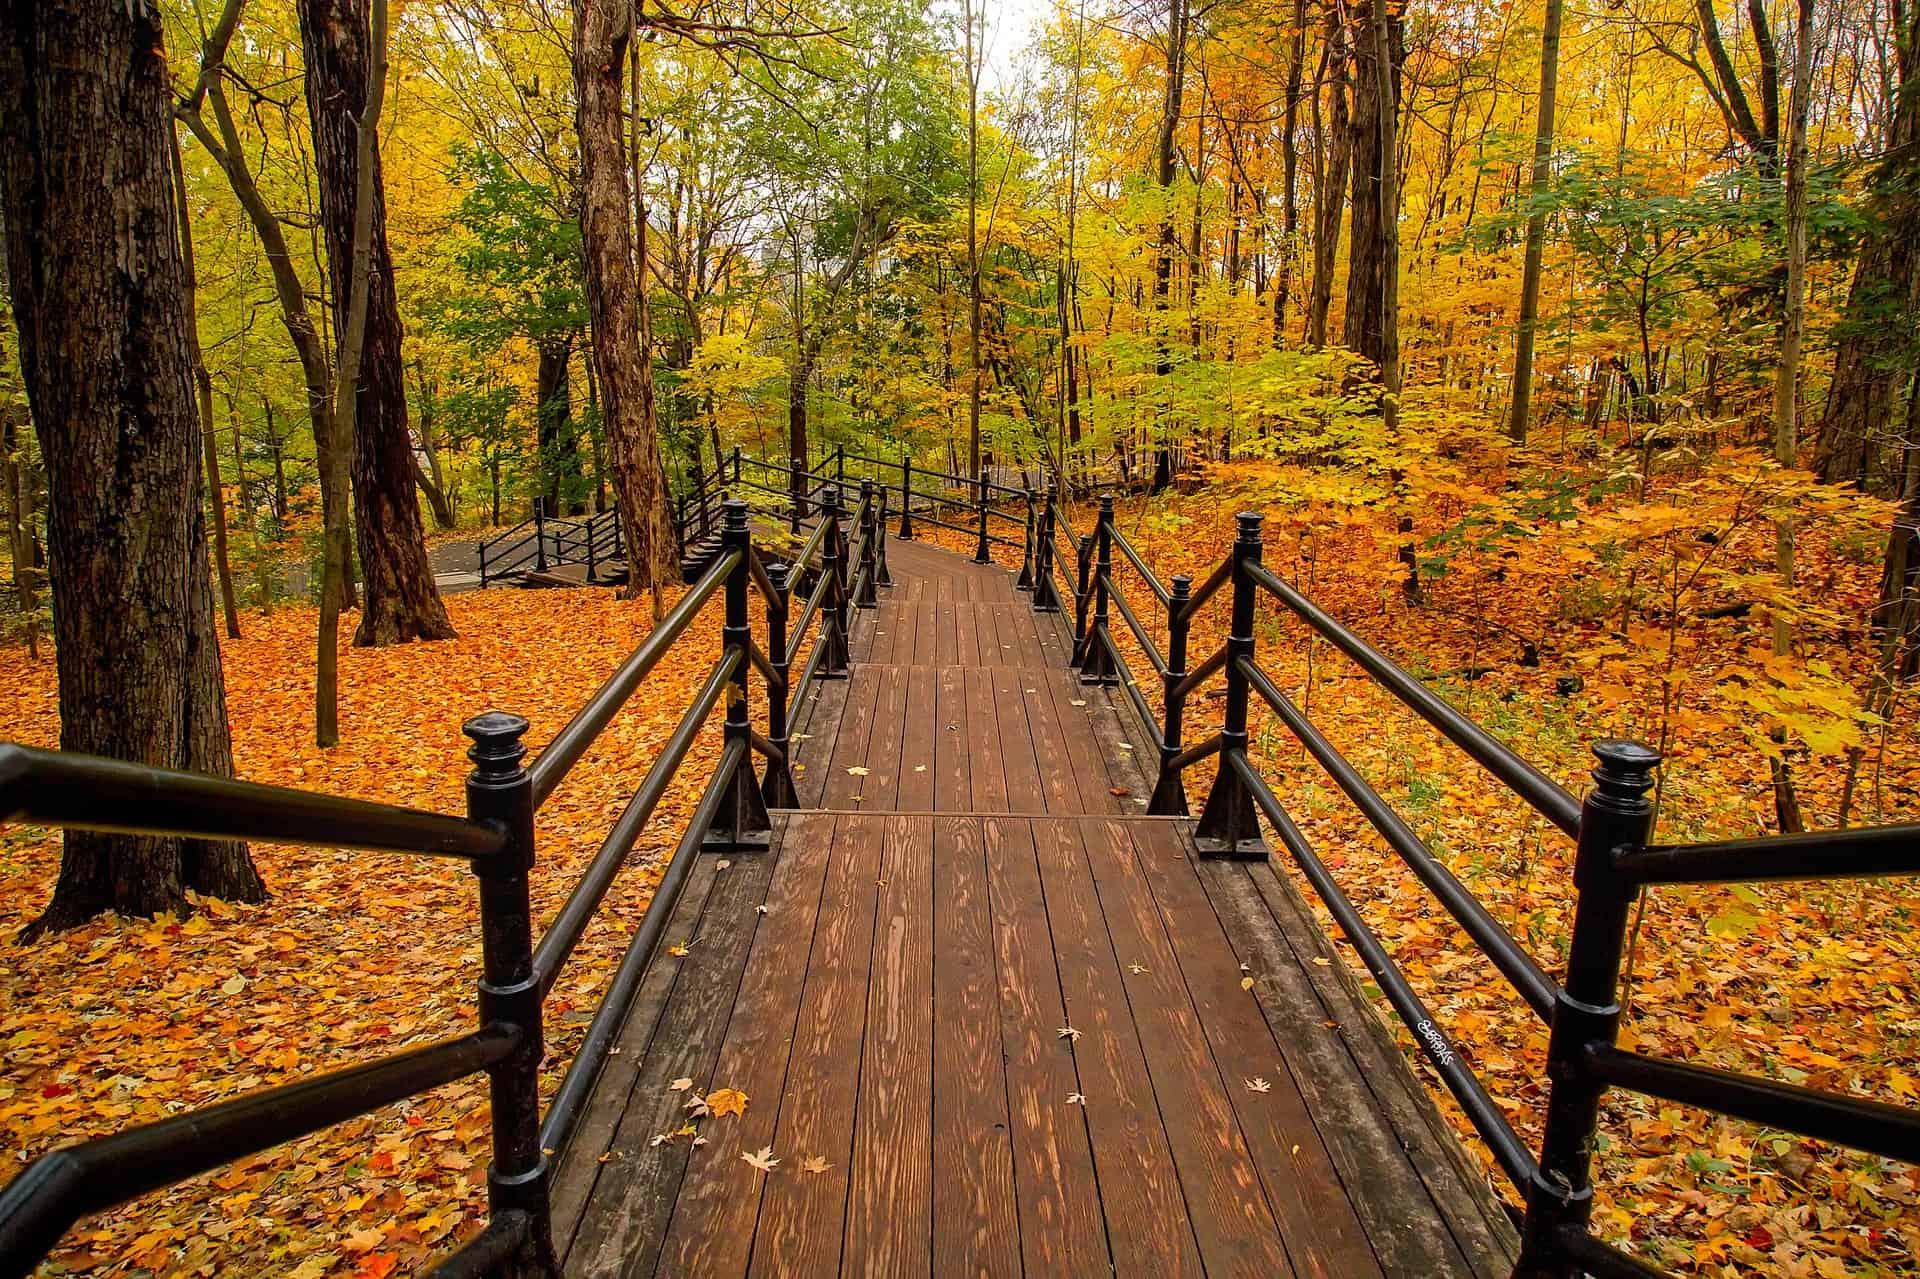 Foliage in Canada: i luoghi più belli dove vederlo e fotografarlo